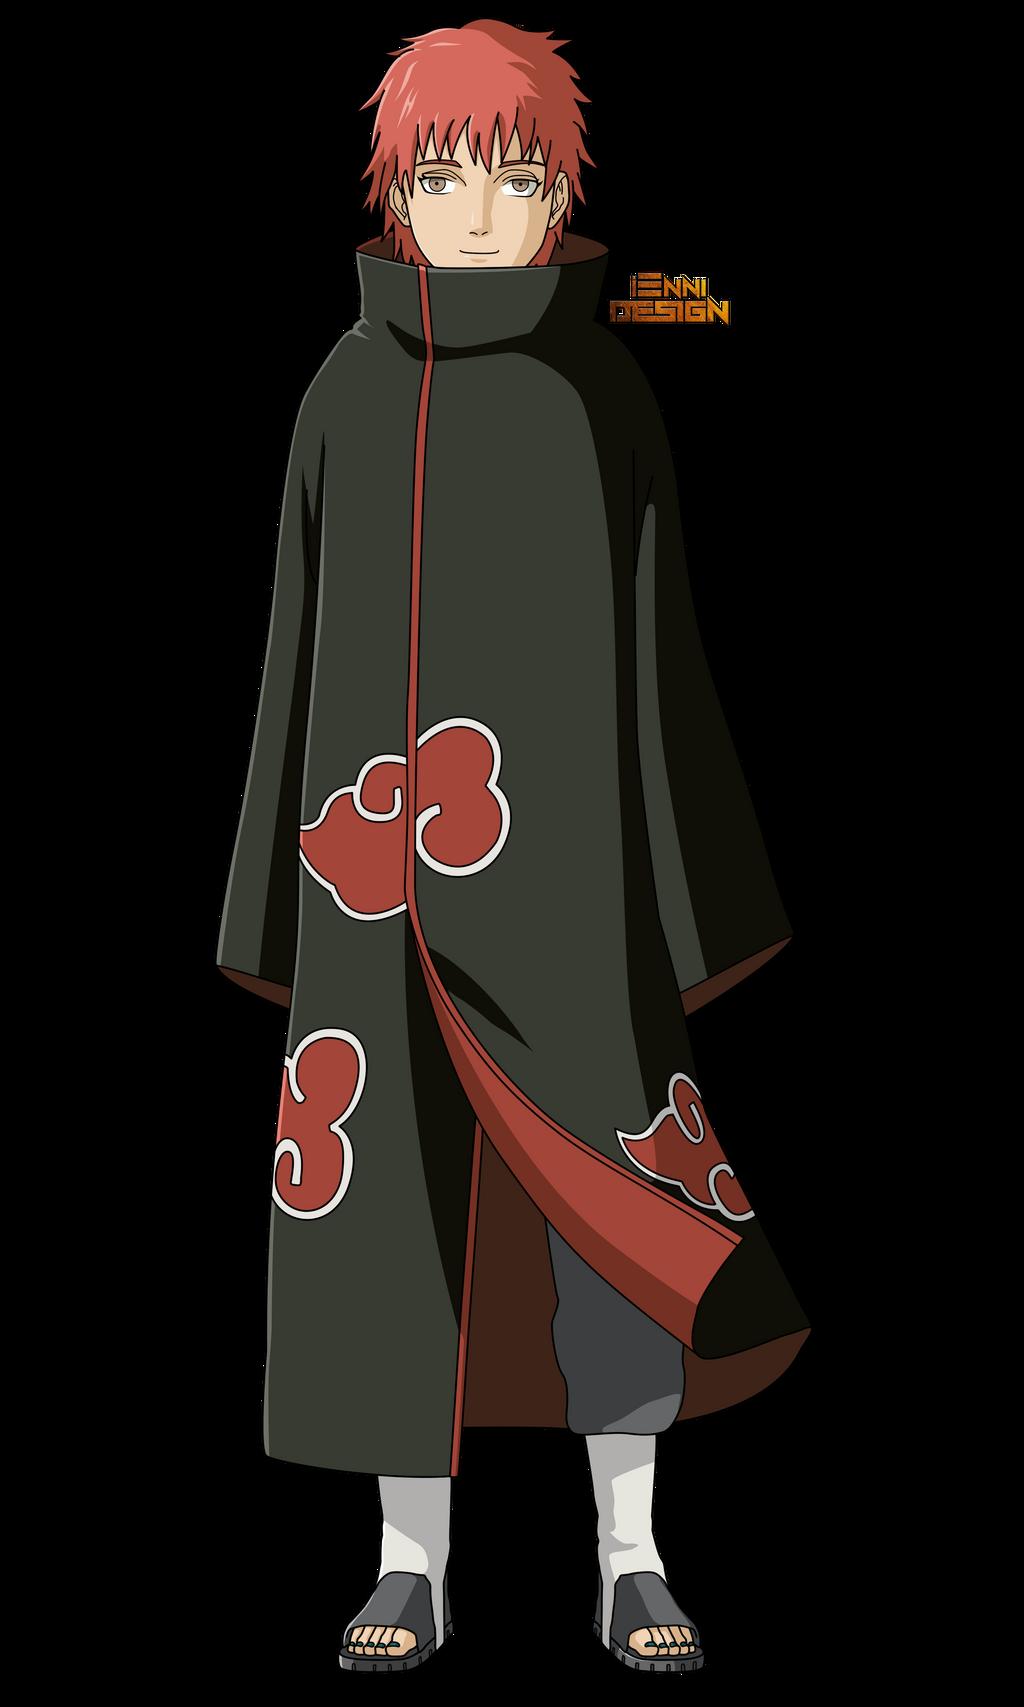 naruto shippudensasori akatsuki by iennidesign on